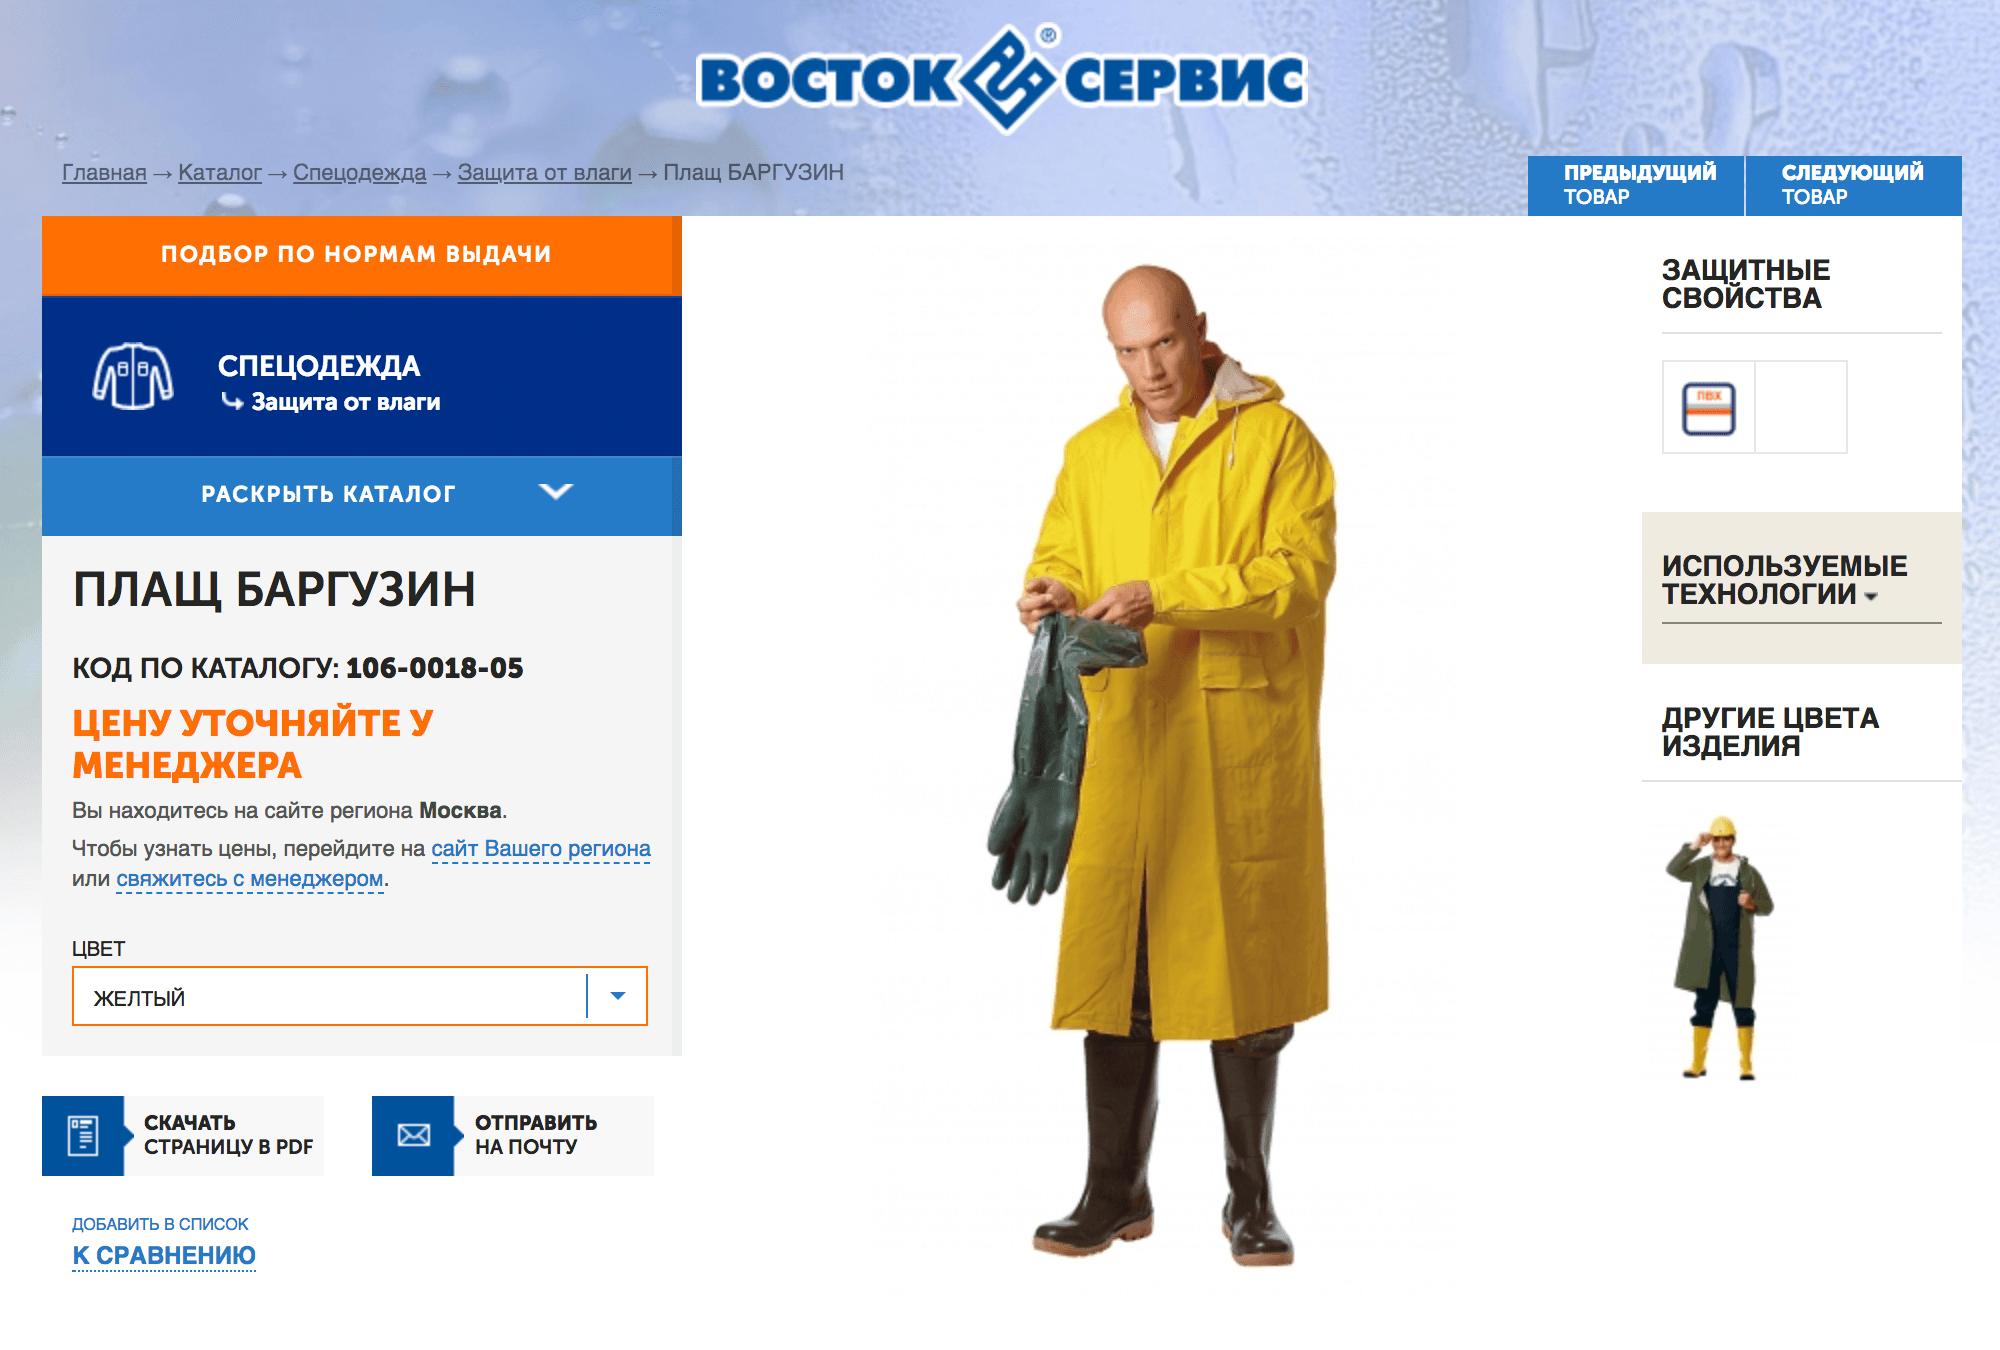 Такой плащ в магазинах «Восток сервис» стоит 700—800 р.